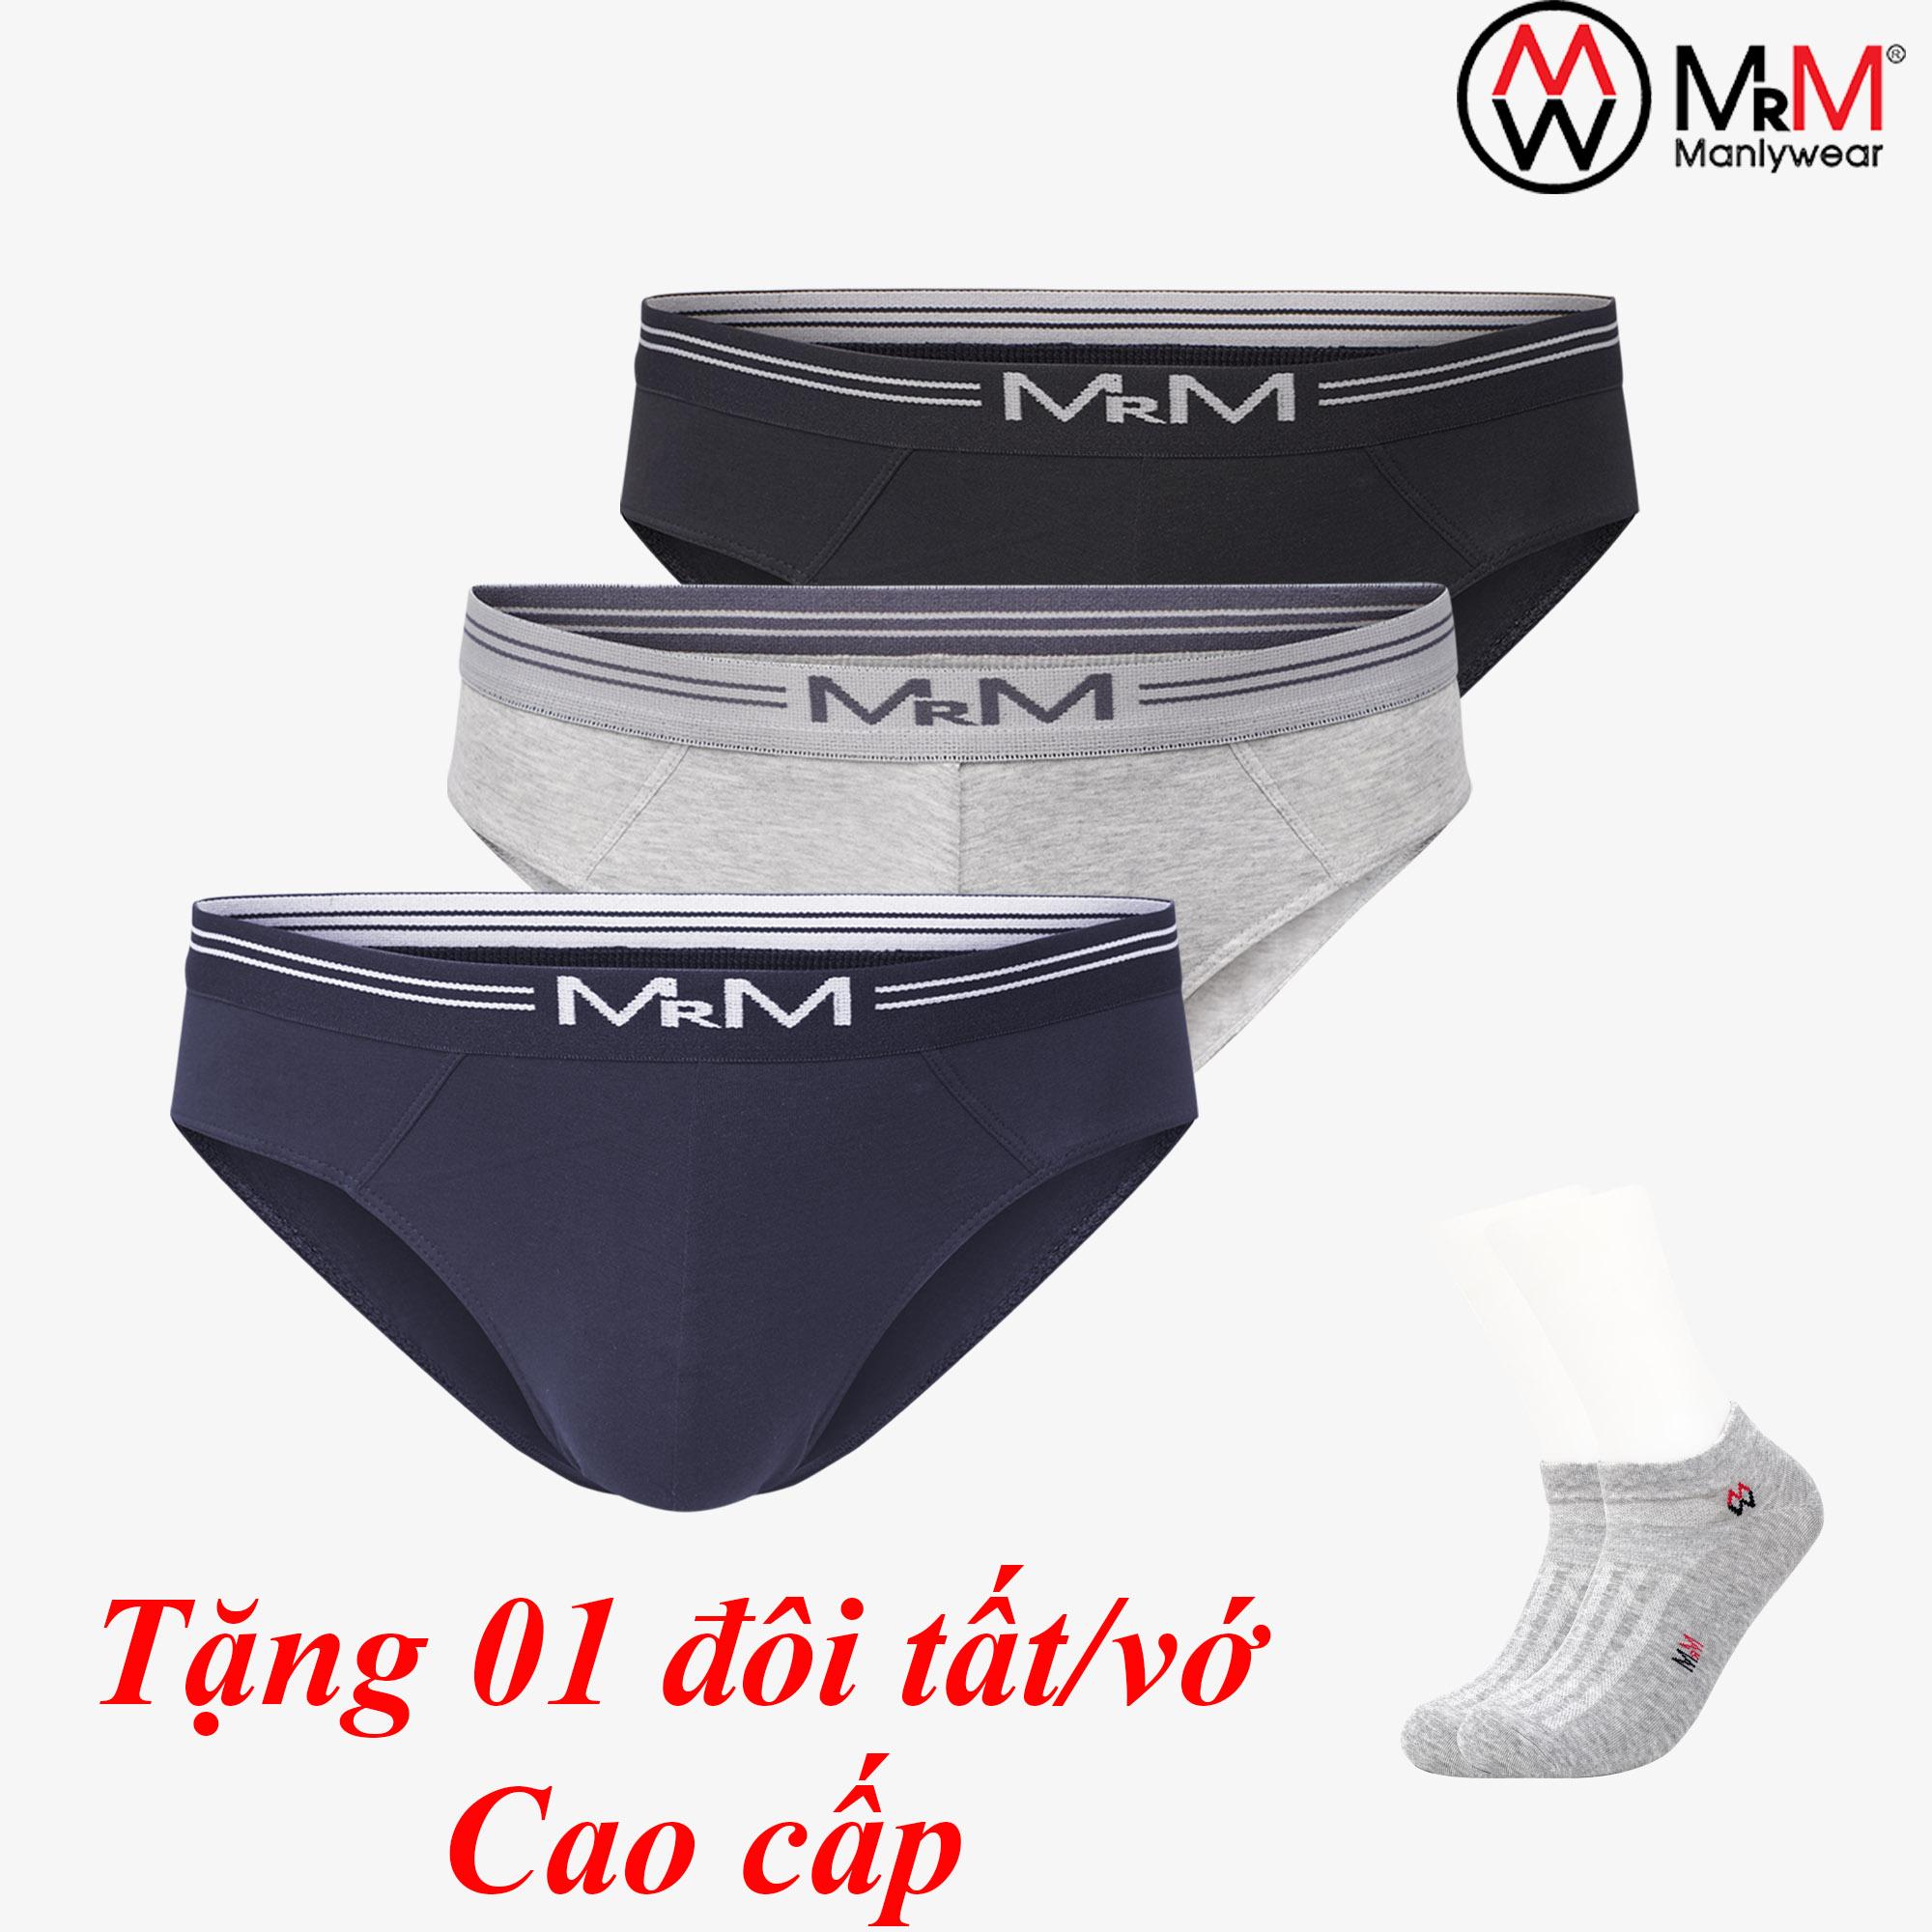 Combo 3 quần lót nam sợi cotton Organic mềm mịn thoáng mát co giãn 4 chiều MRM Manlywear (TẶNG Đôi Tất Nam Cao Cấp màu ngẫu nhiên)